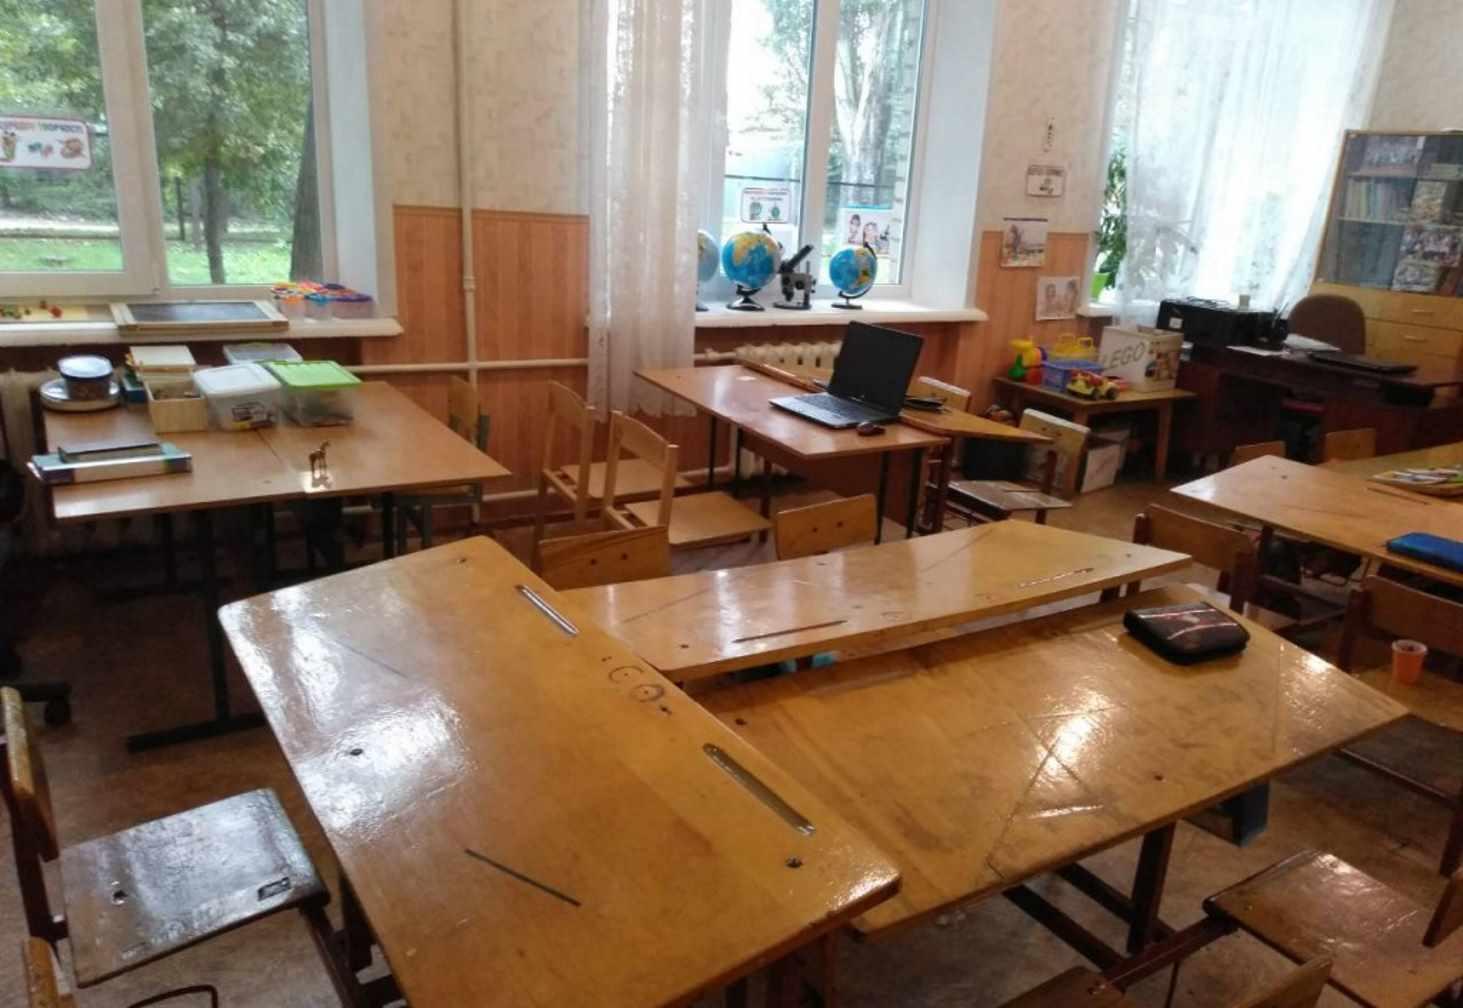 vsevolod-luhovitskij-shkola-derzhitsya-na-poslednem-izdyhanii-nikakih-reform-ona-prosto-ne-vyderzhit